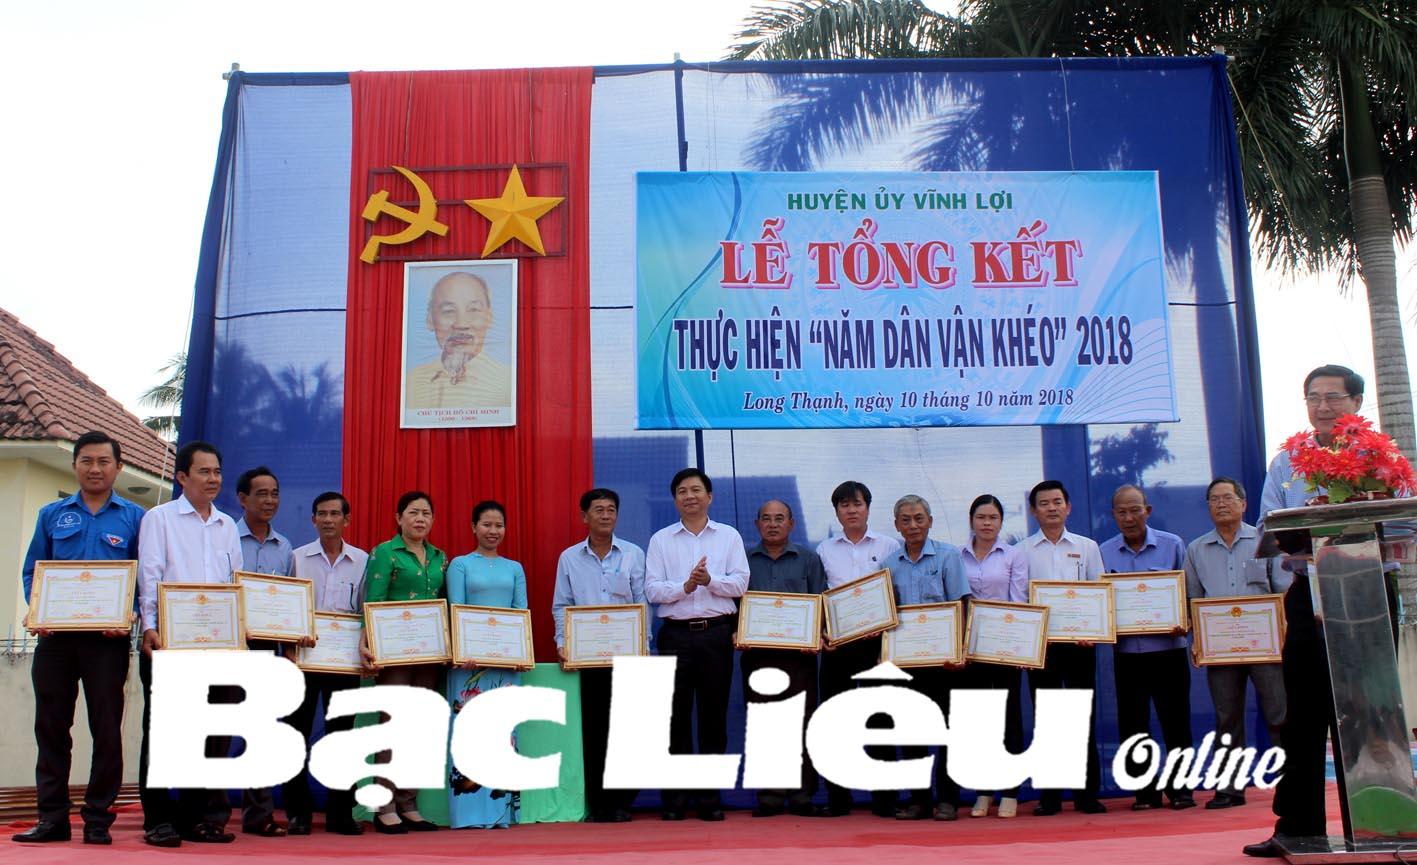 Huyện Đoàn Vĩnh Lợi: Những dấu ấn trong thực hiện phong trào Dân vận khéo